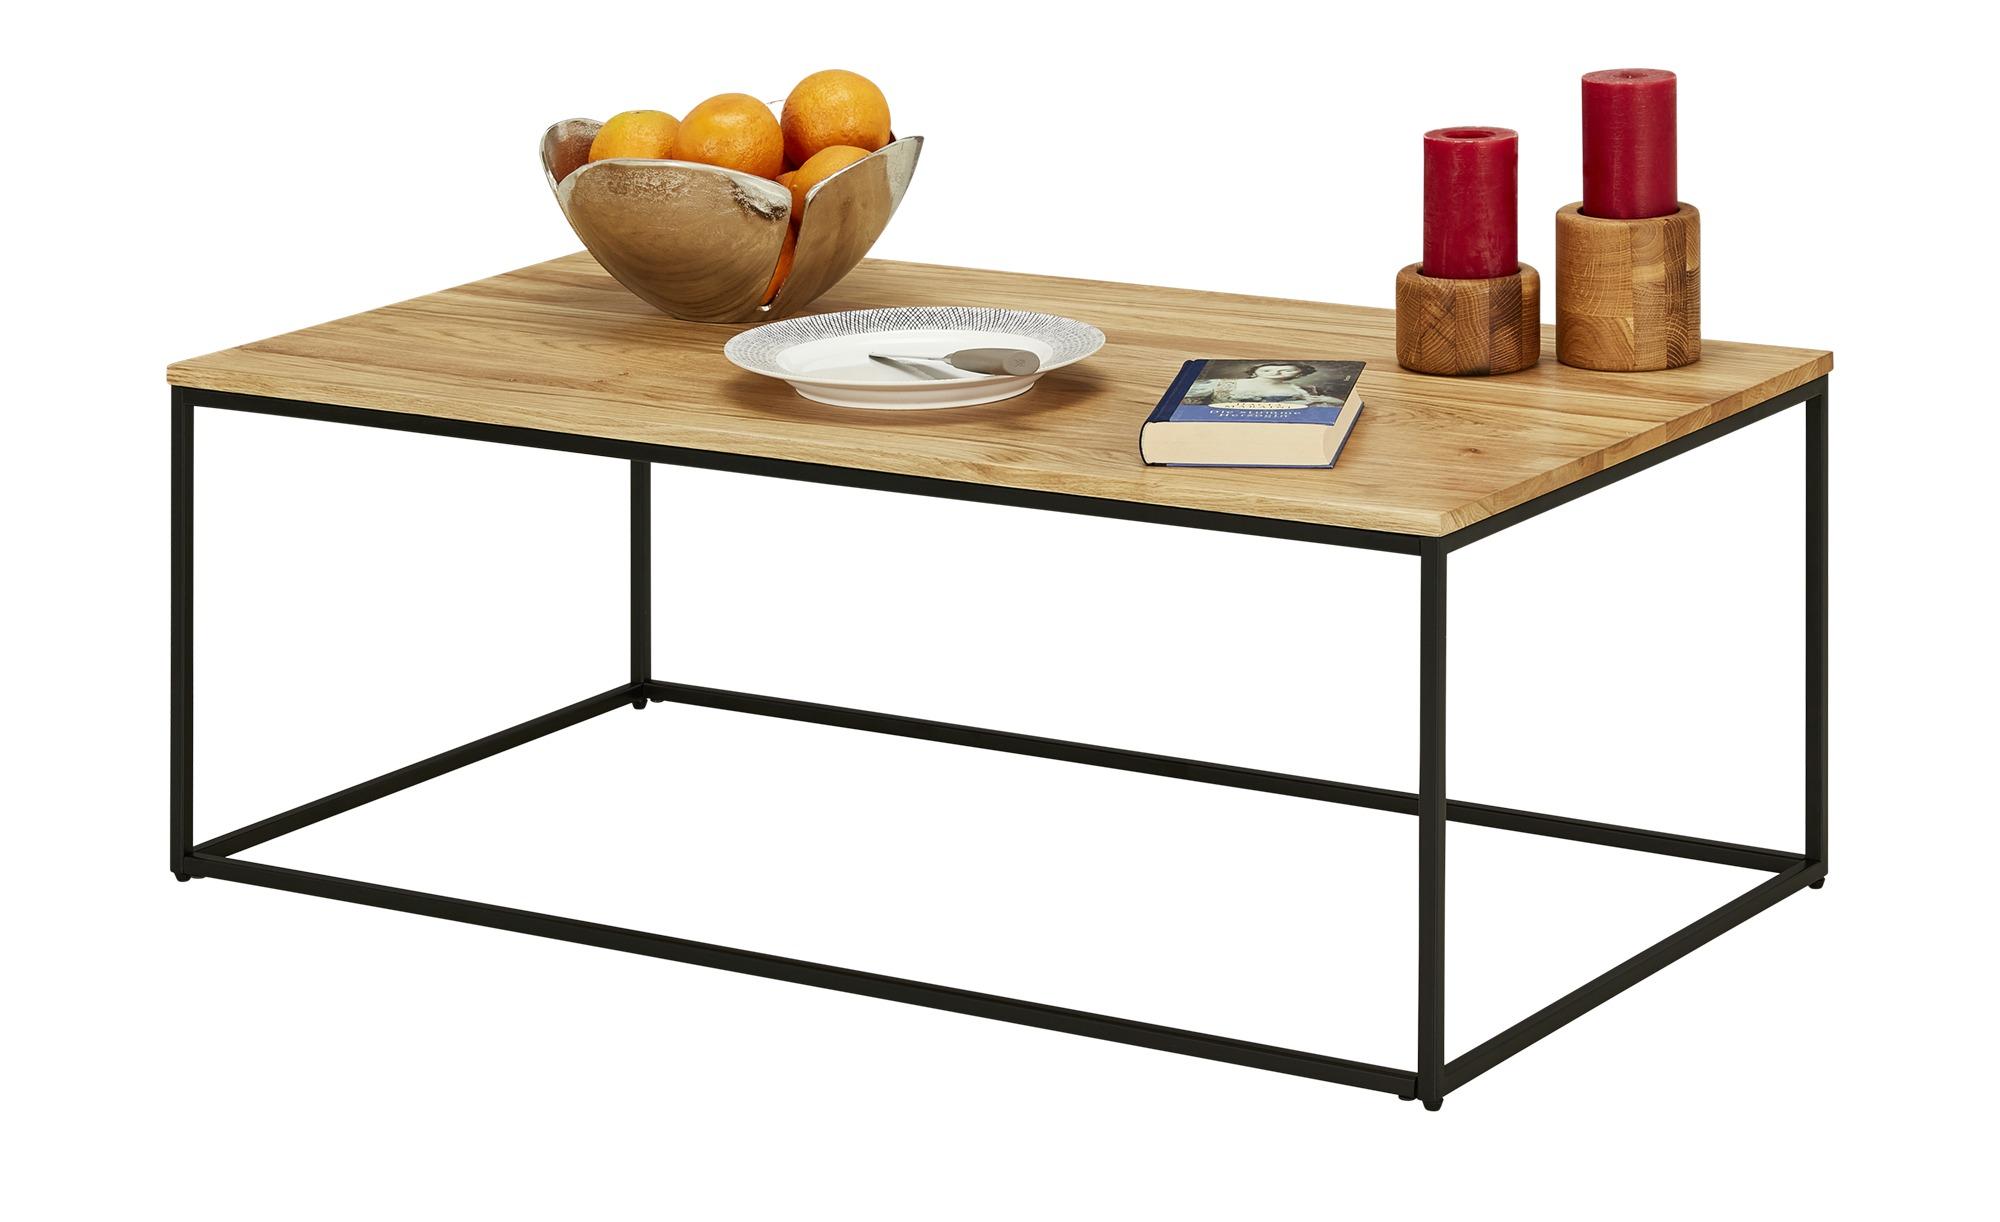 Couchtisch  Ferro ¦ holzfarben ¦ Maße (cm): B: 60 H: 40 Tische > Couchtische > Couchtisch Massivholz - Höffner